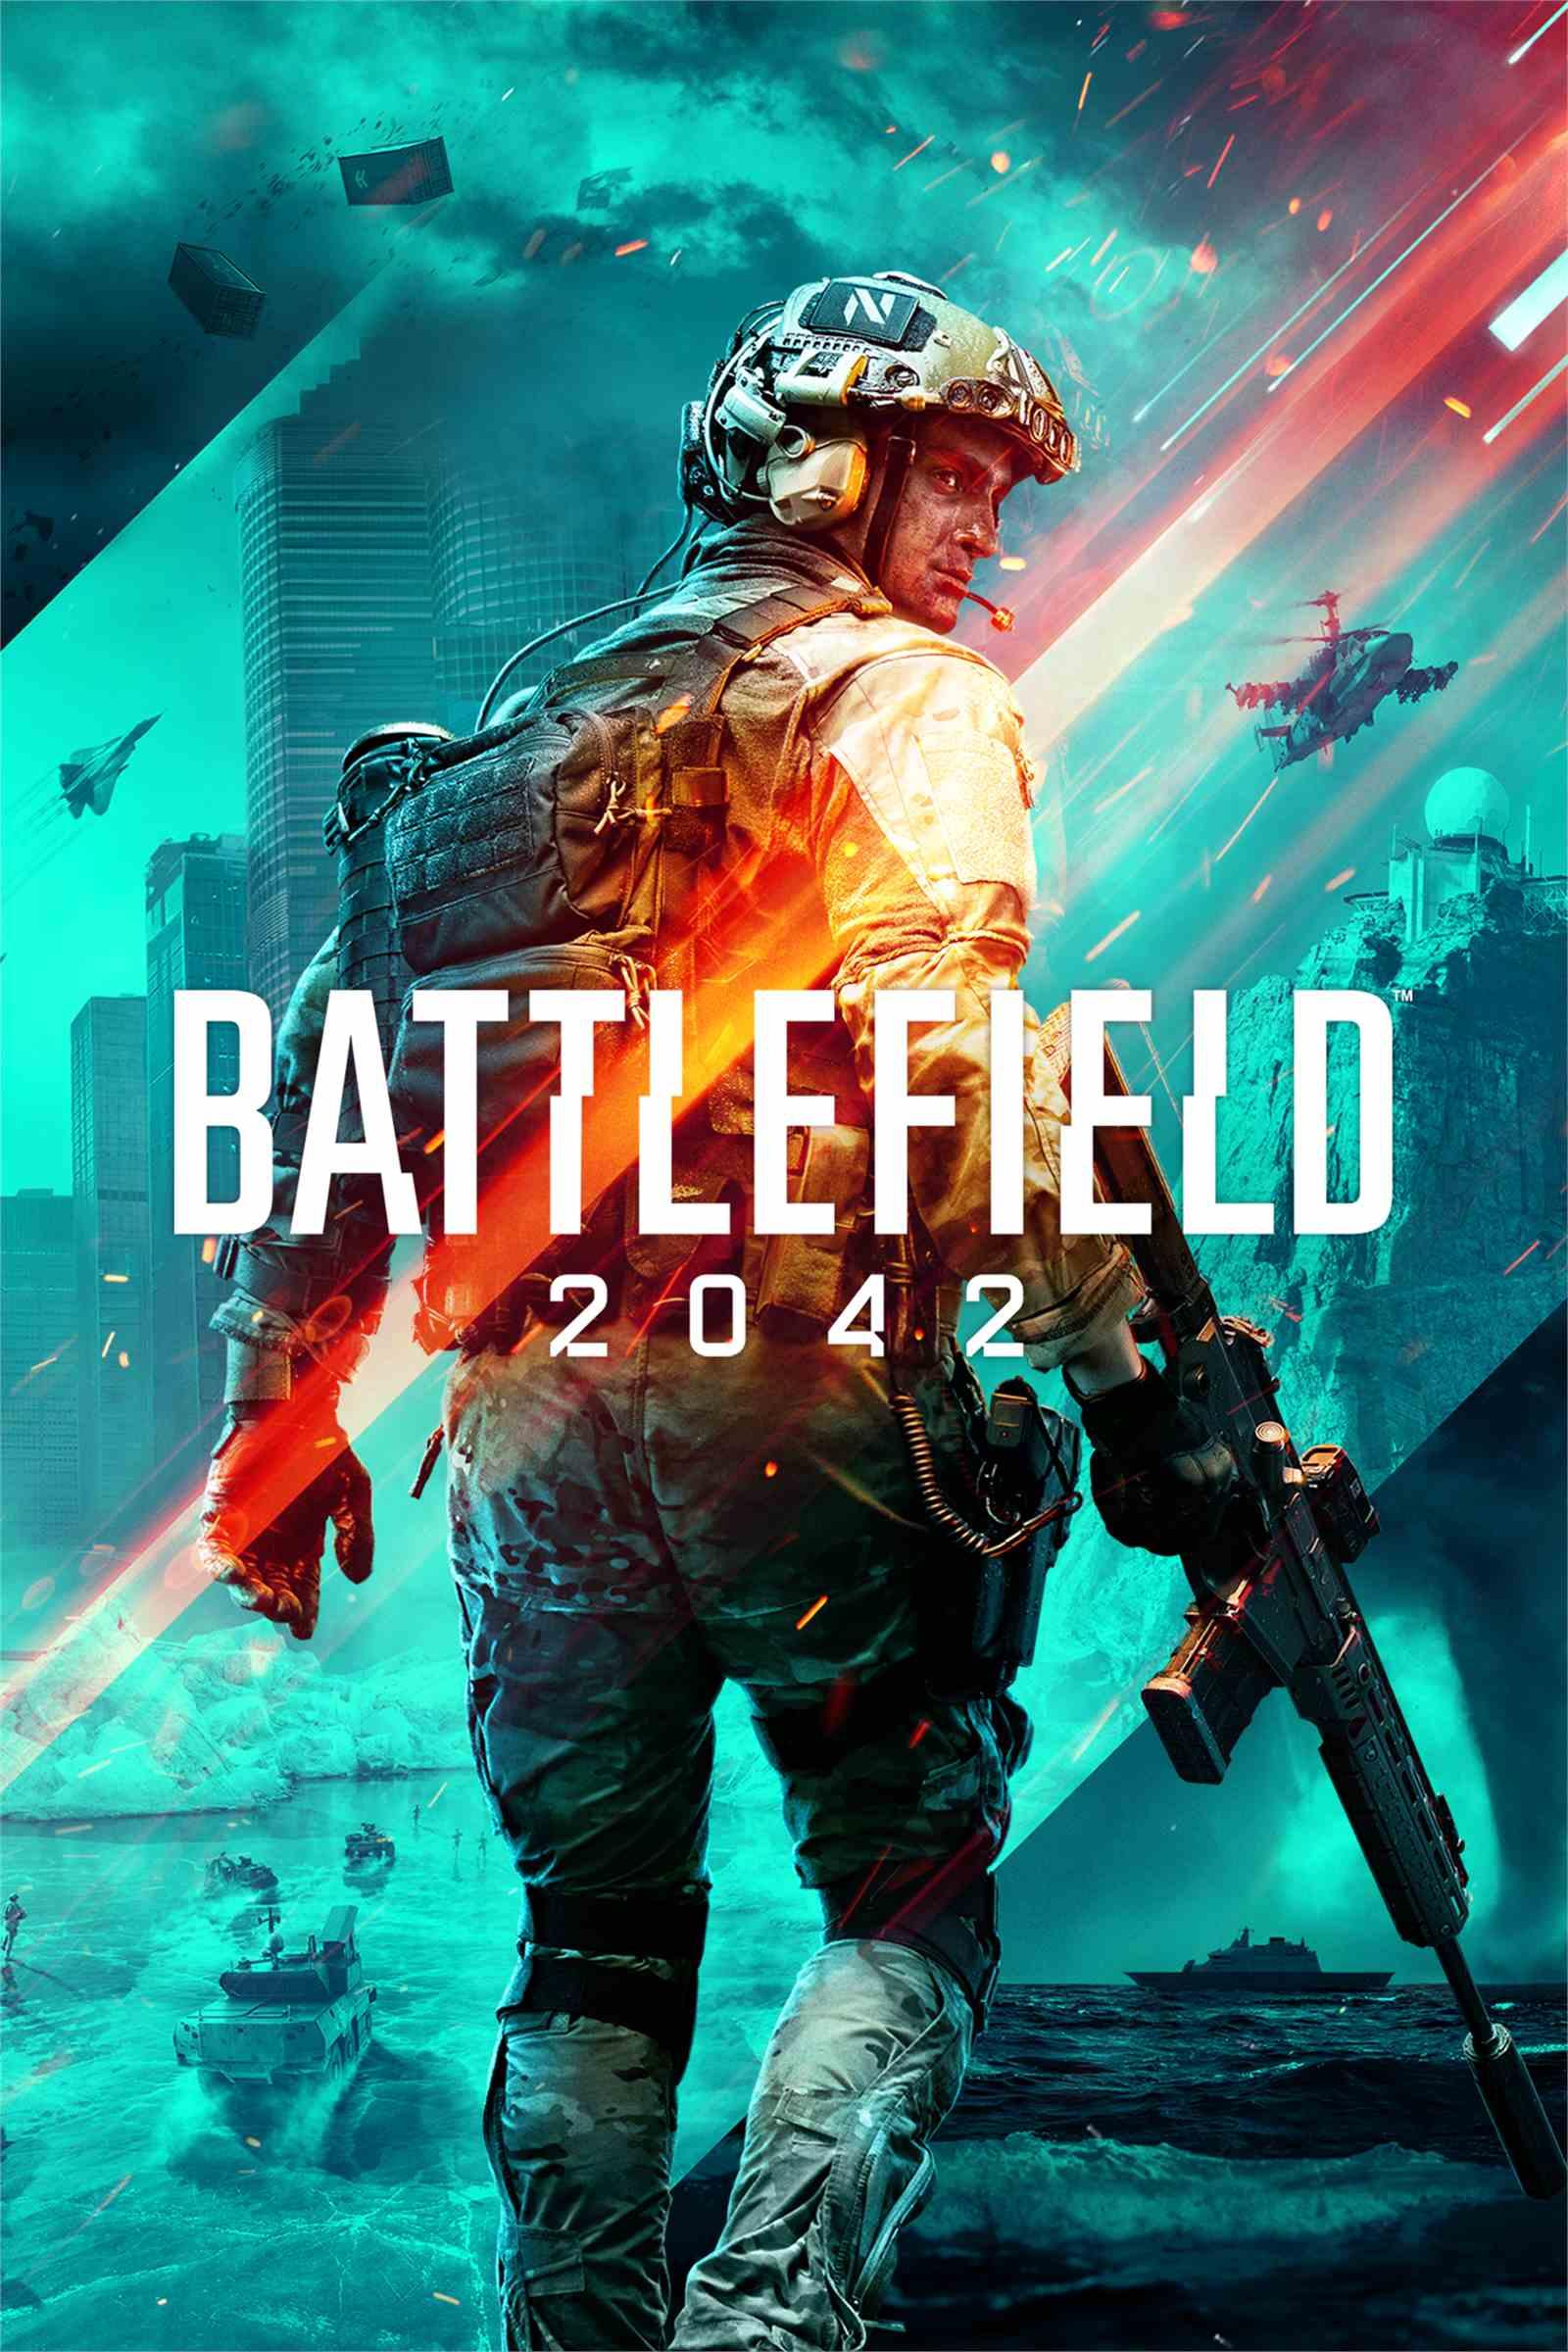 Battlefield 2042 Cover Art.jpg